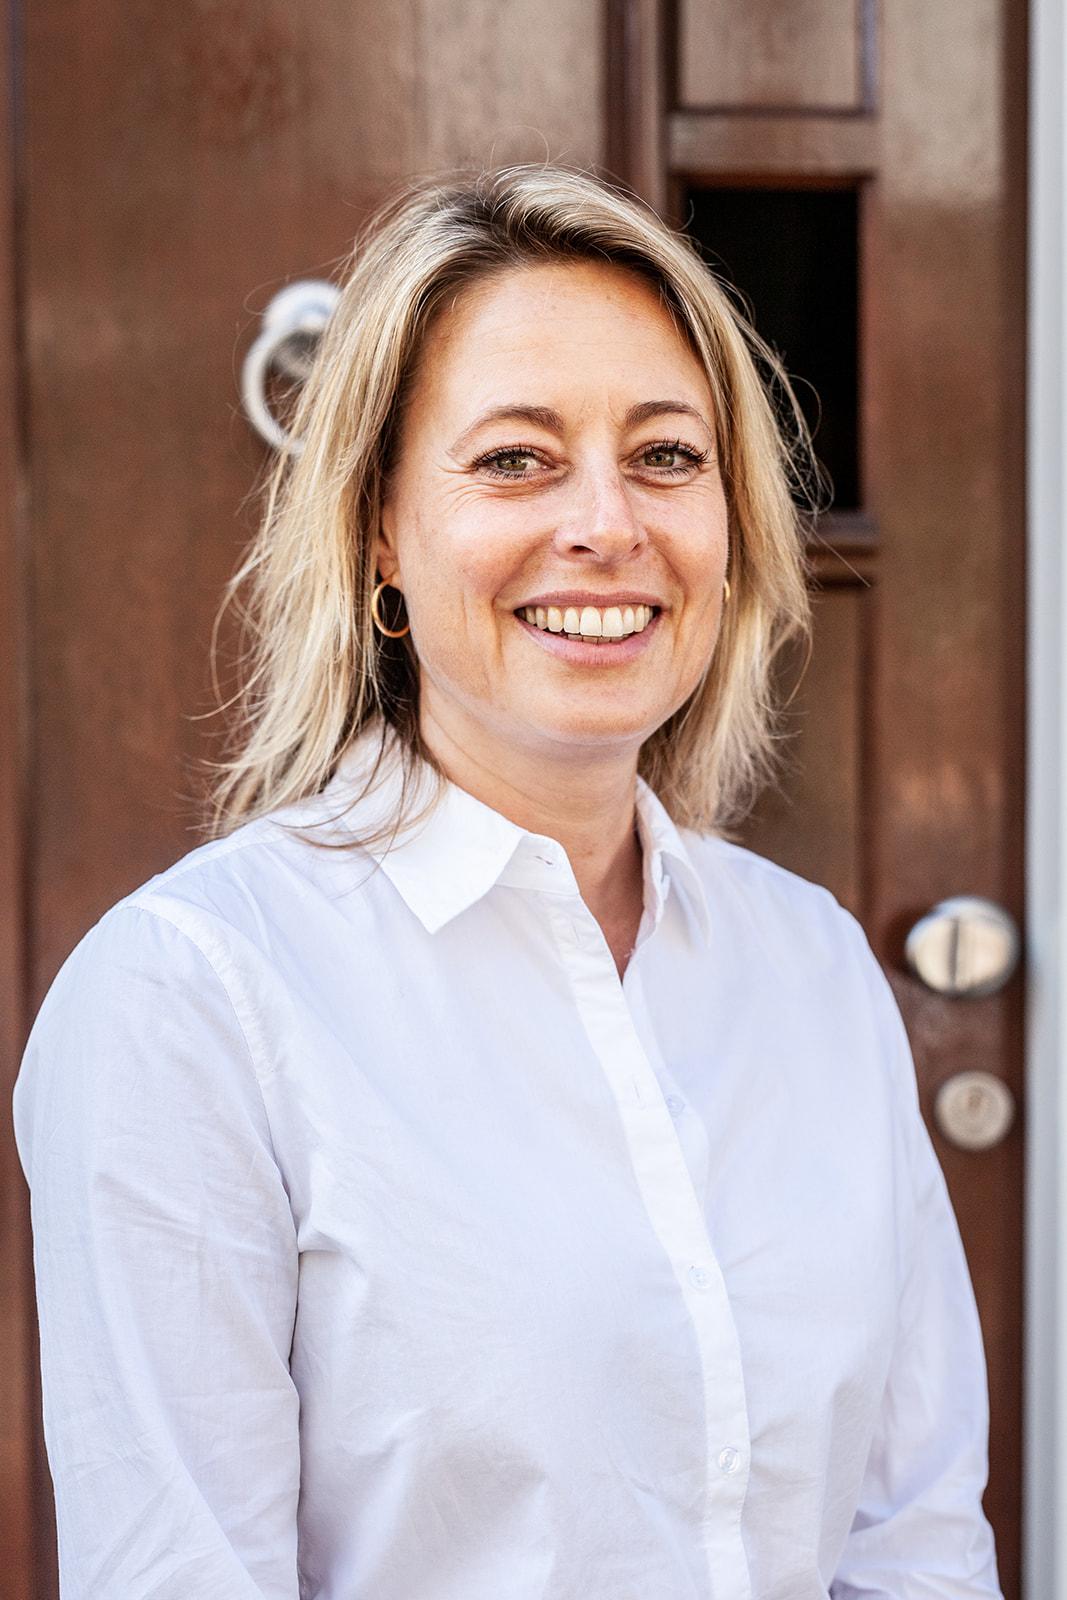 Annemarie Henselmans